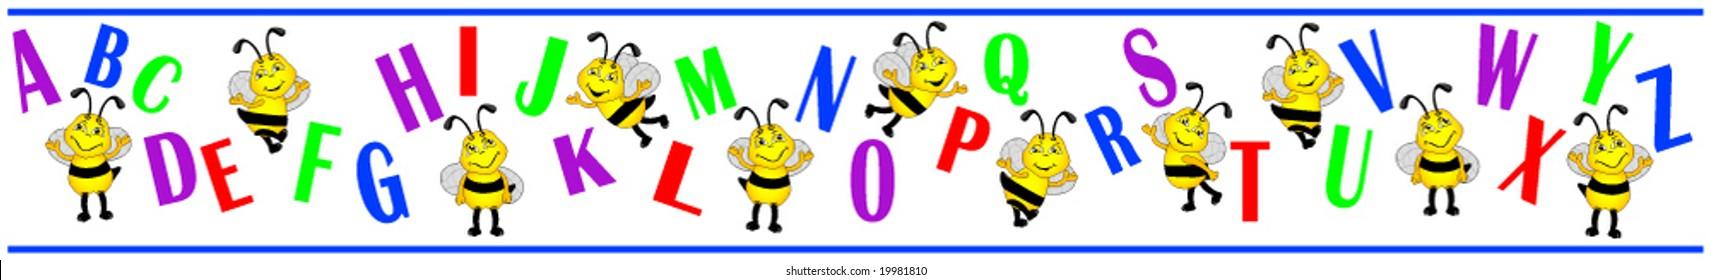 Alphabet Bee border.